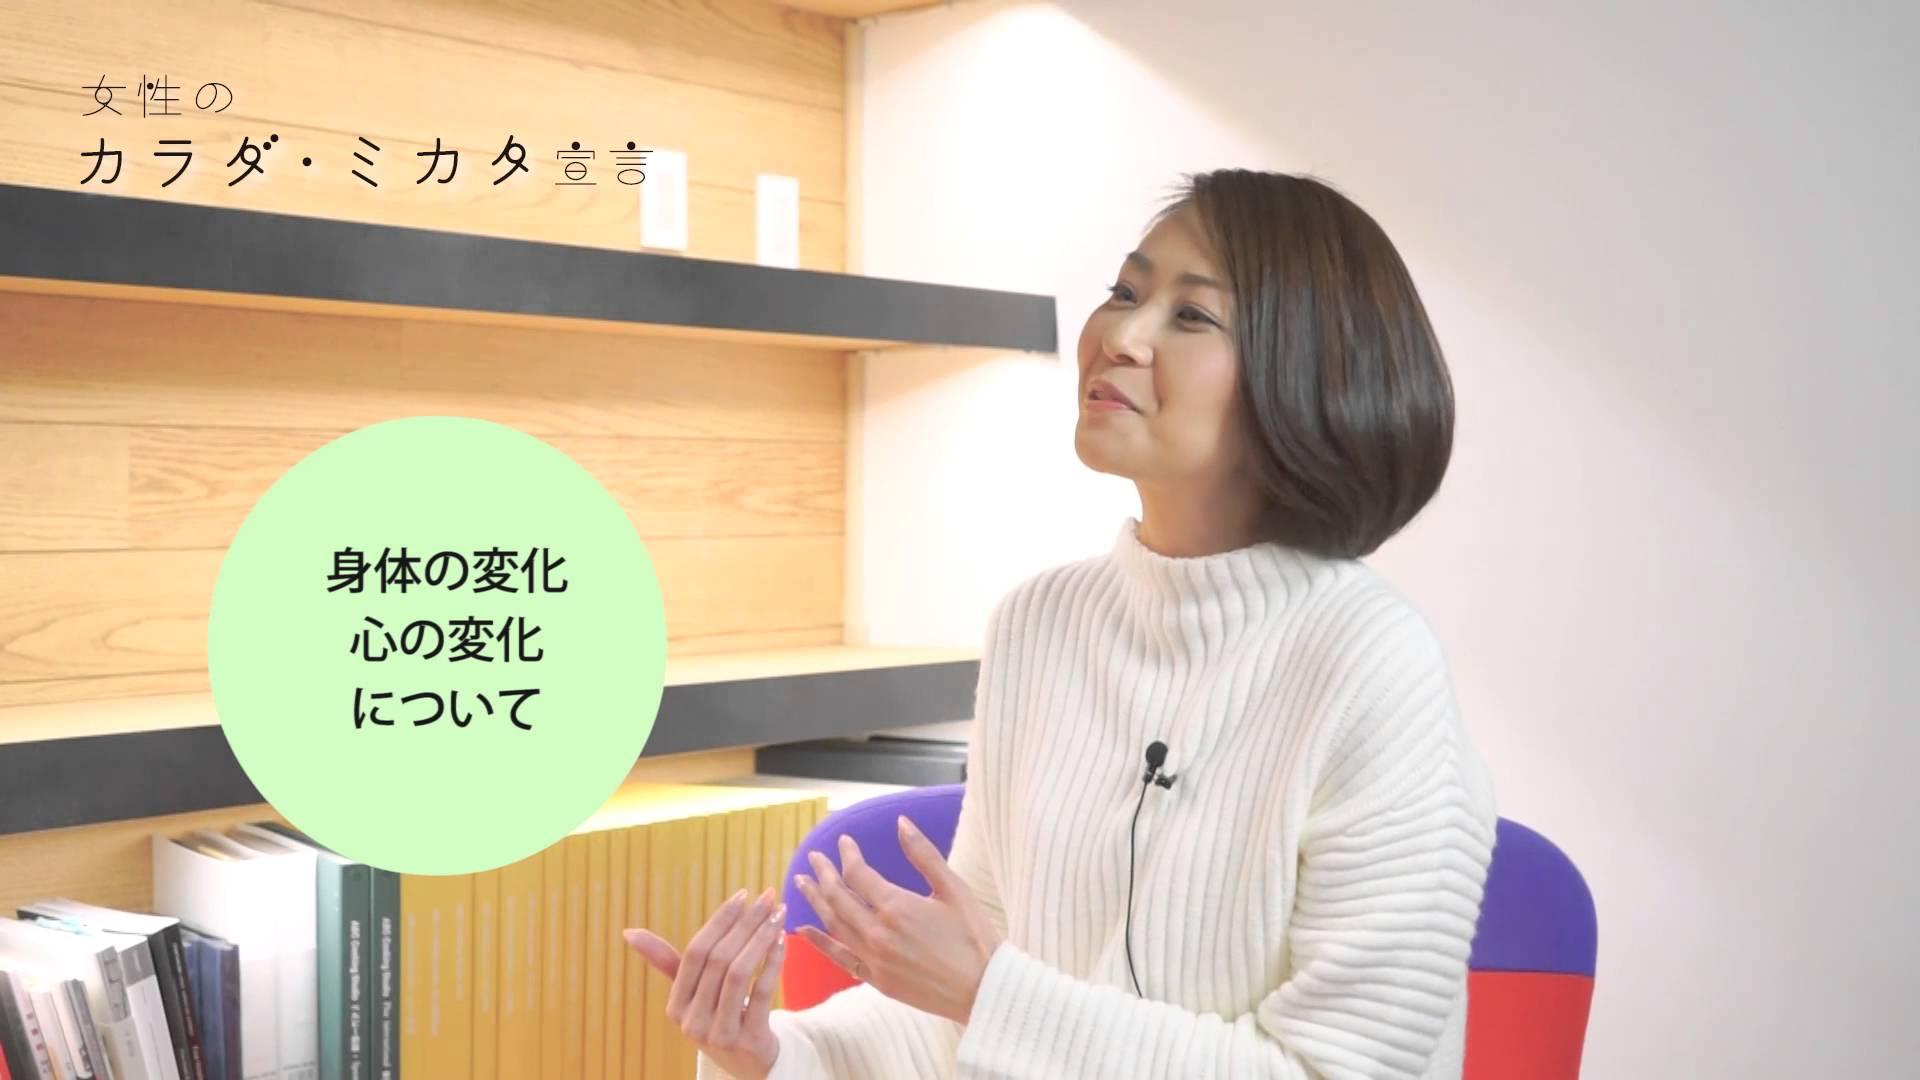 女性のカラダ・ミカタ宣言コンソーシアム 第1回セミナー インタビュー